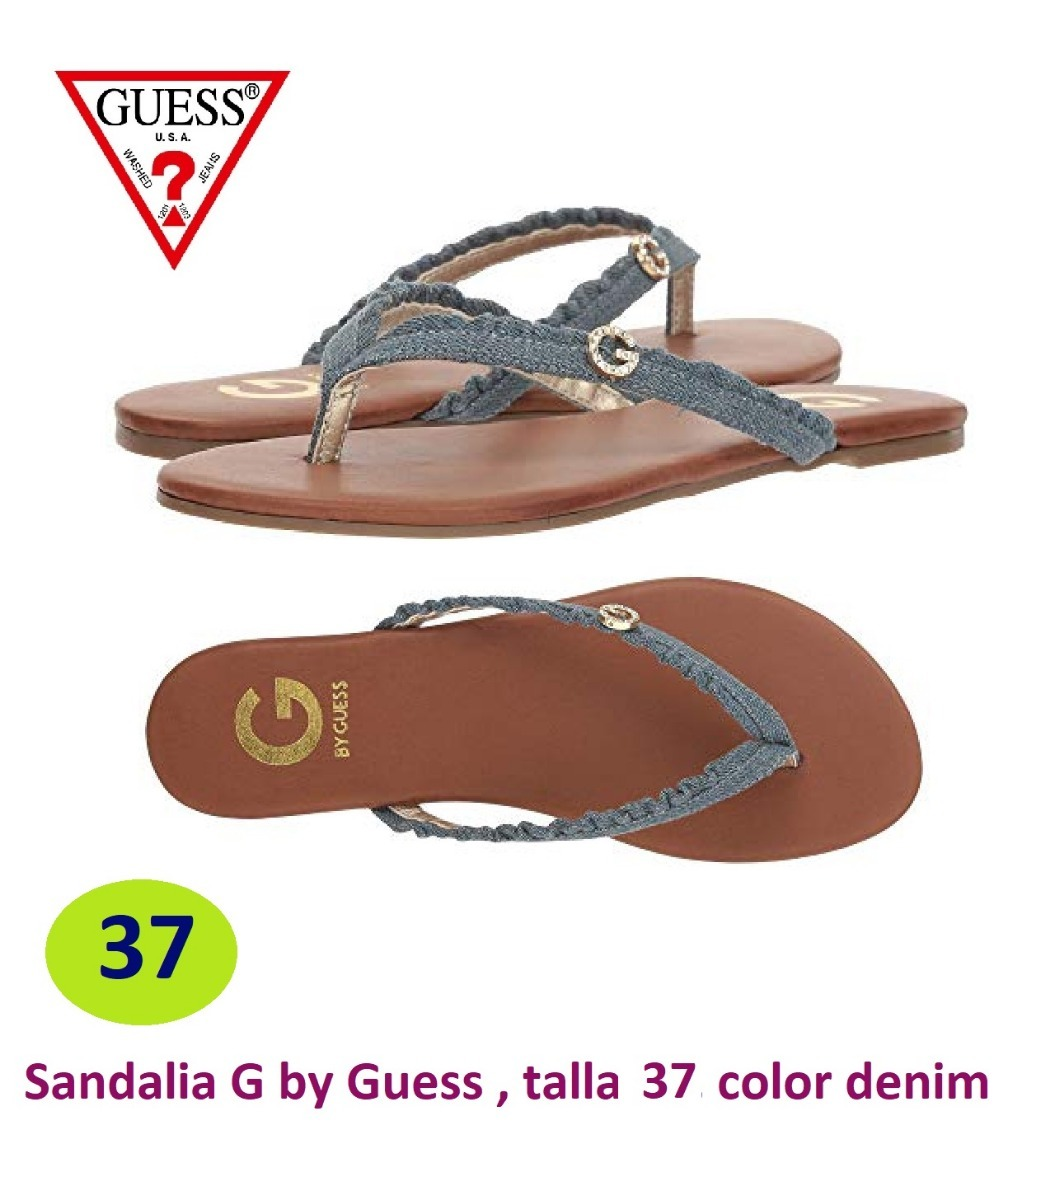 9a874540278 guess sandalias originales oferta talla 37 variedad. Cargando zoom.